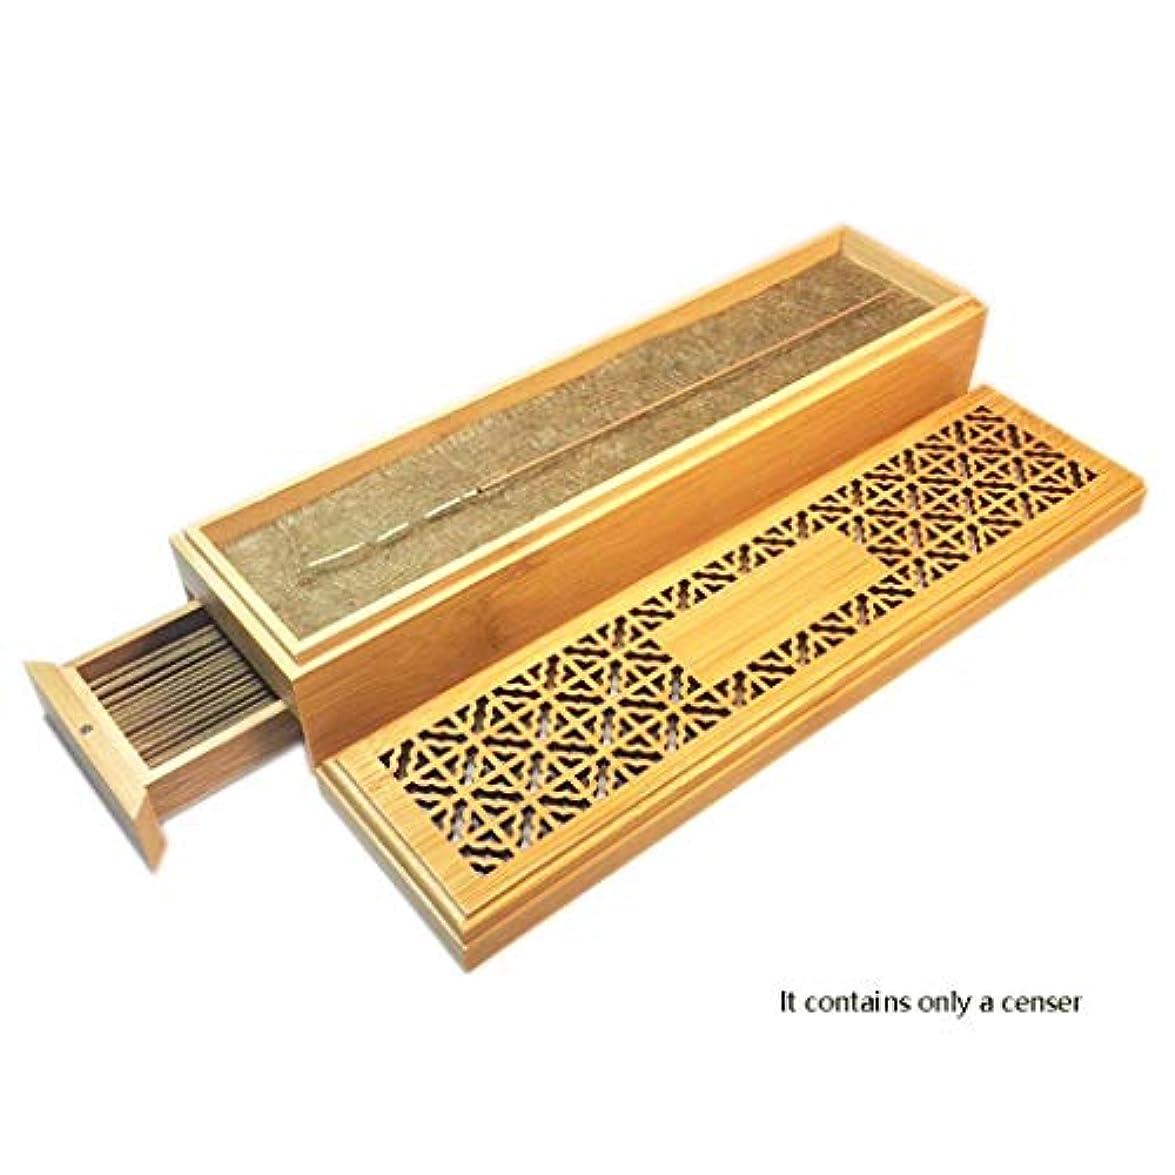 エイズ韓国作業ホームアロマバーナー 竹製お香バーナー引き出し付スティック収納ボックス中空木製ケースボックスIncensoスティックホルダー 芳香器アロマバーナー (Color : Natural)